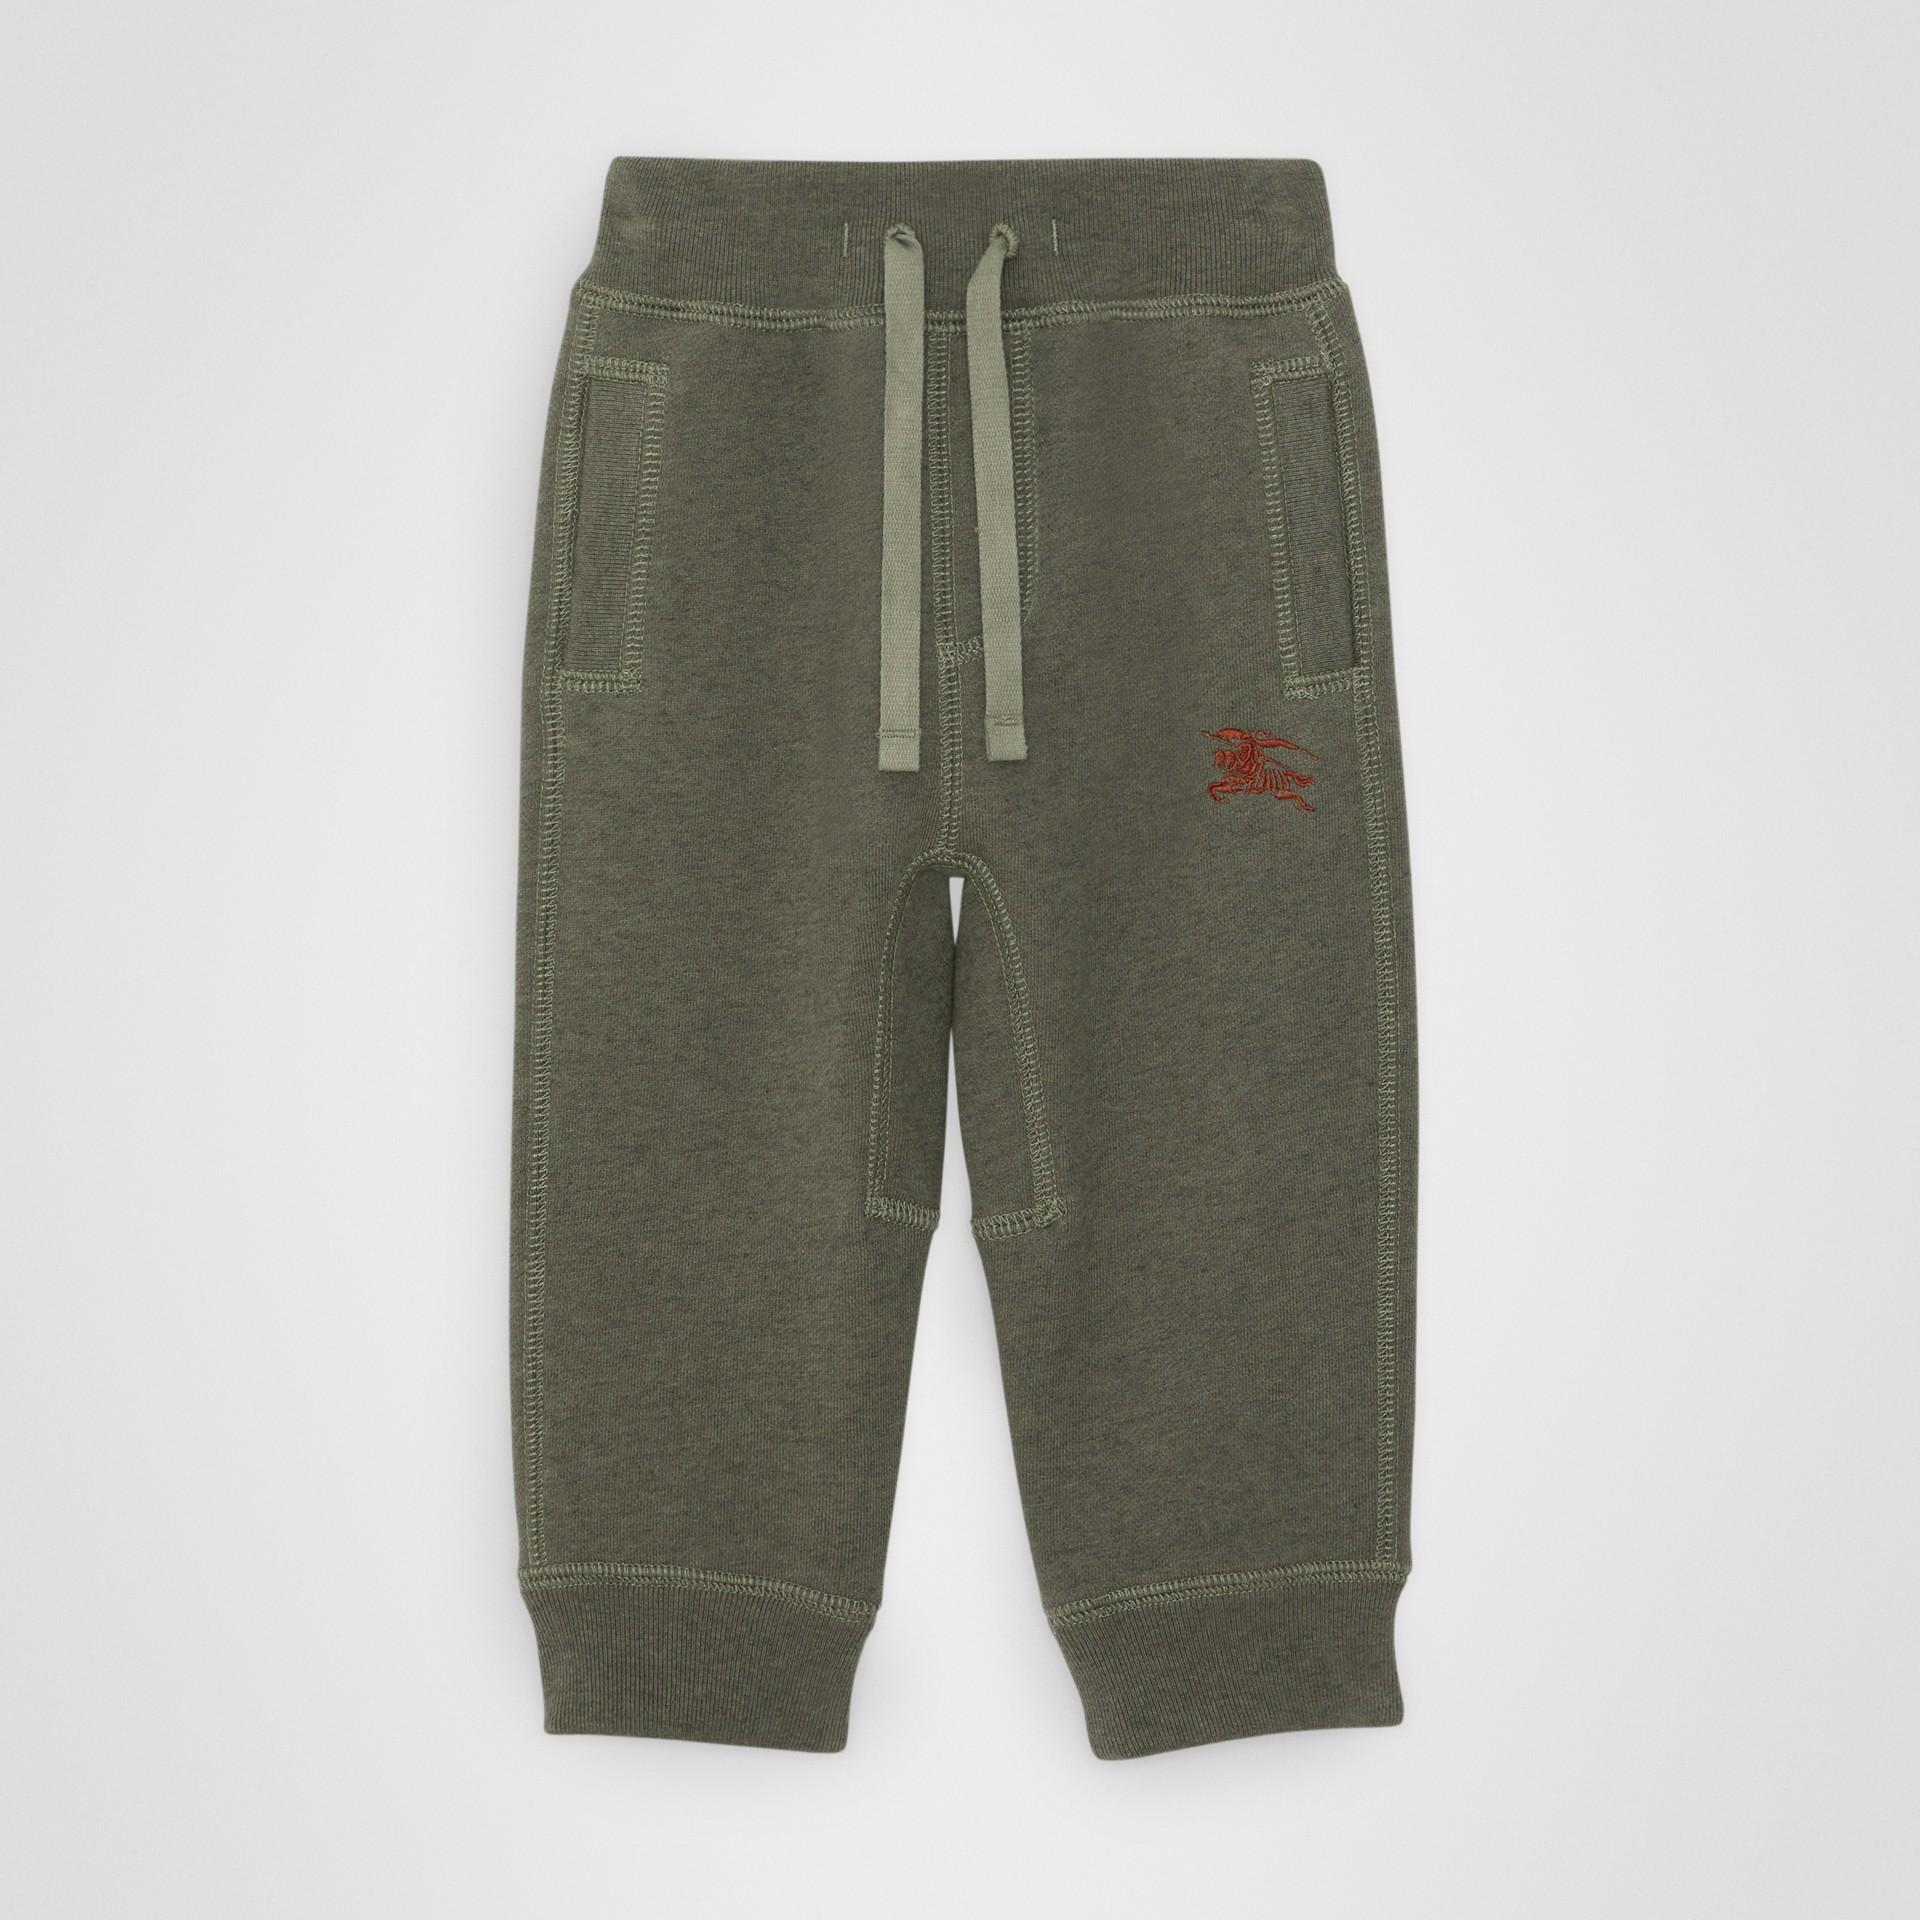 徽標繡飾棉質運動褲 (混合橄欖色) - 童款 | Burberry - 圖庫照片 0